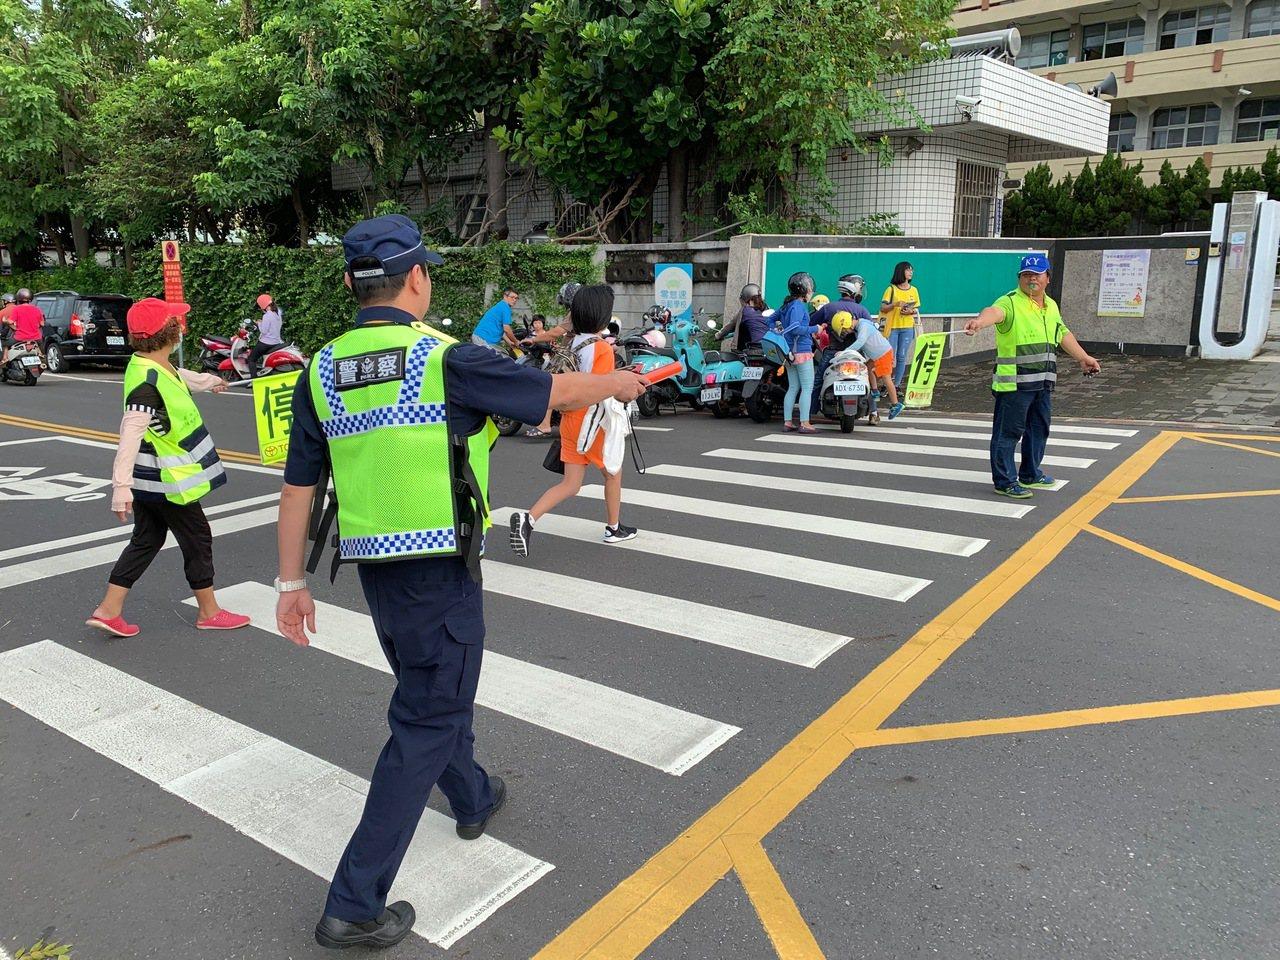 無法陪子女開學抱憾 台南暖警護童視如己出